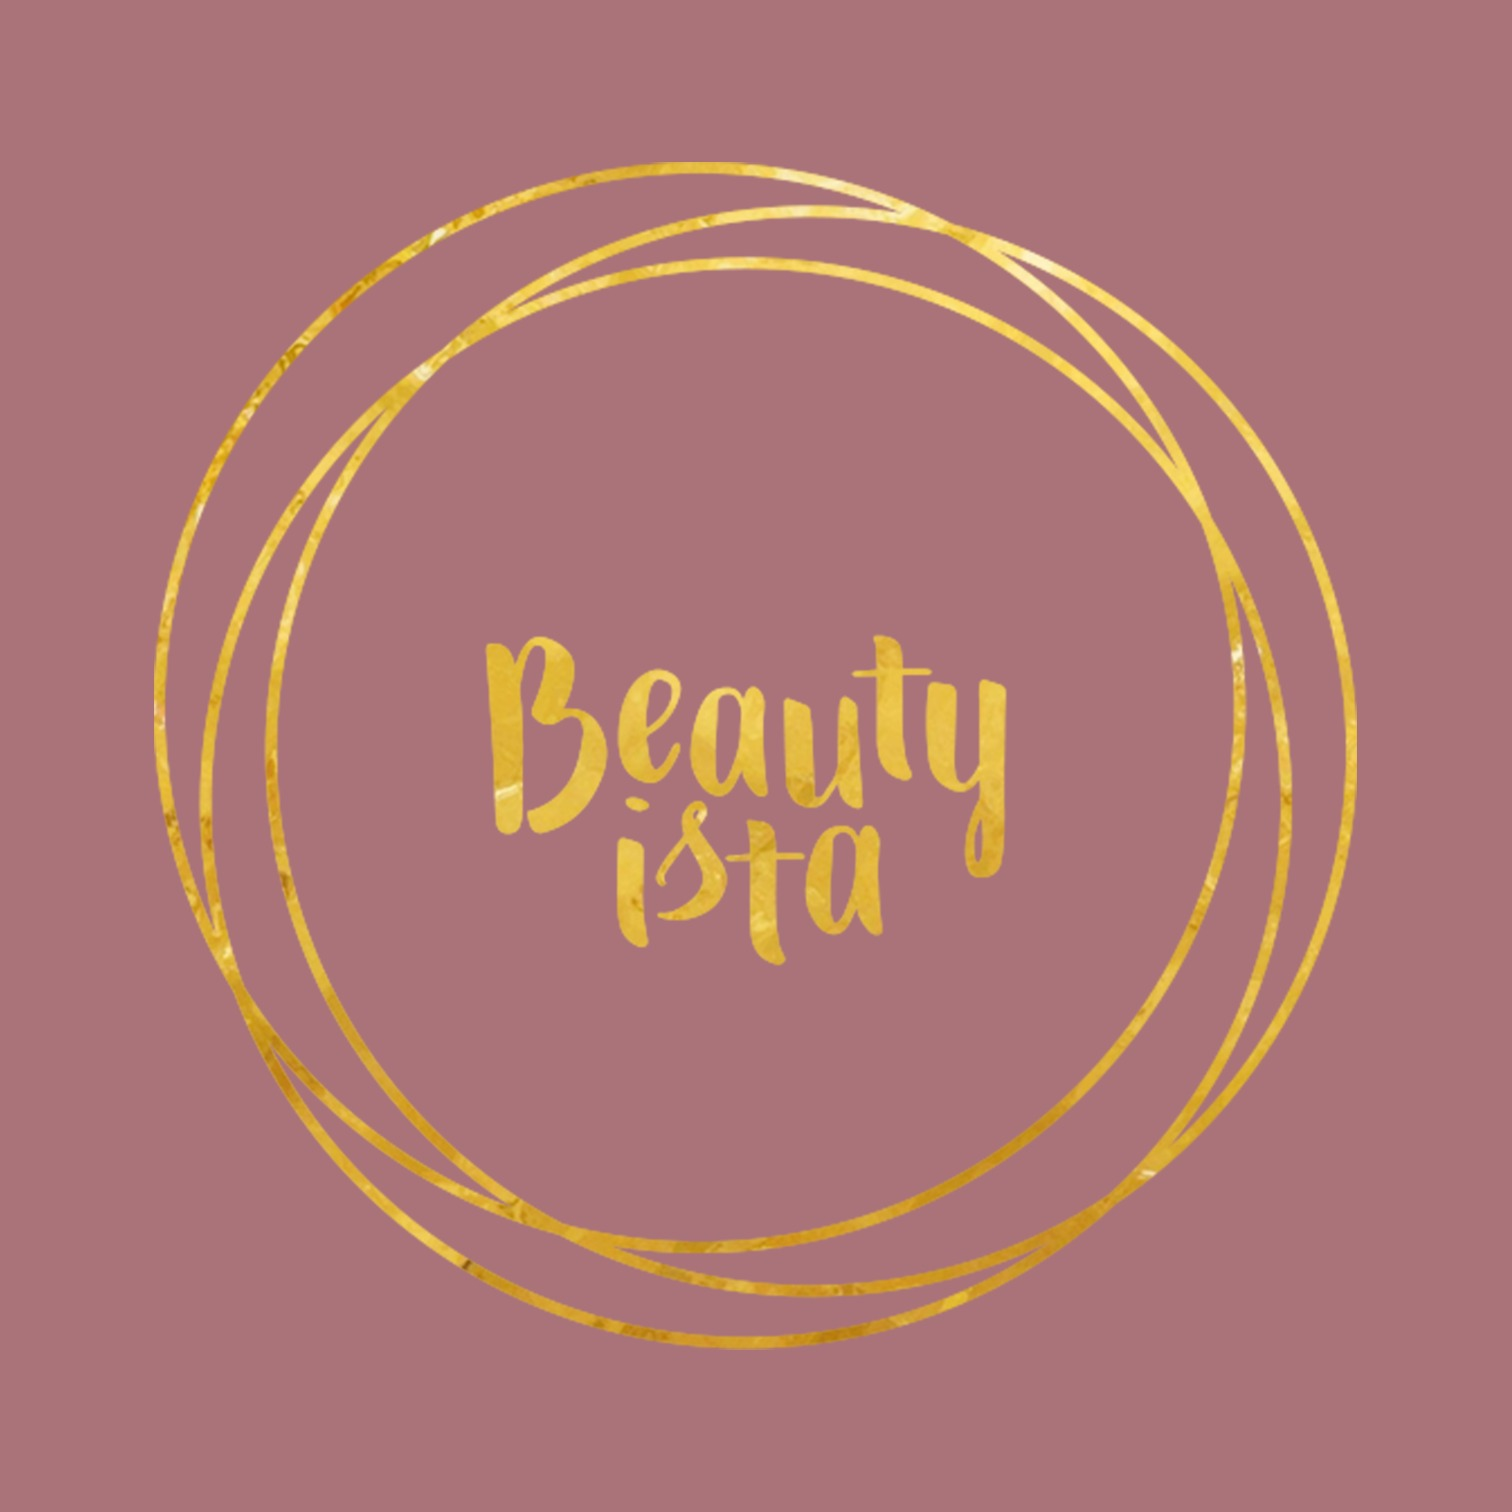 Beautyista